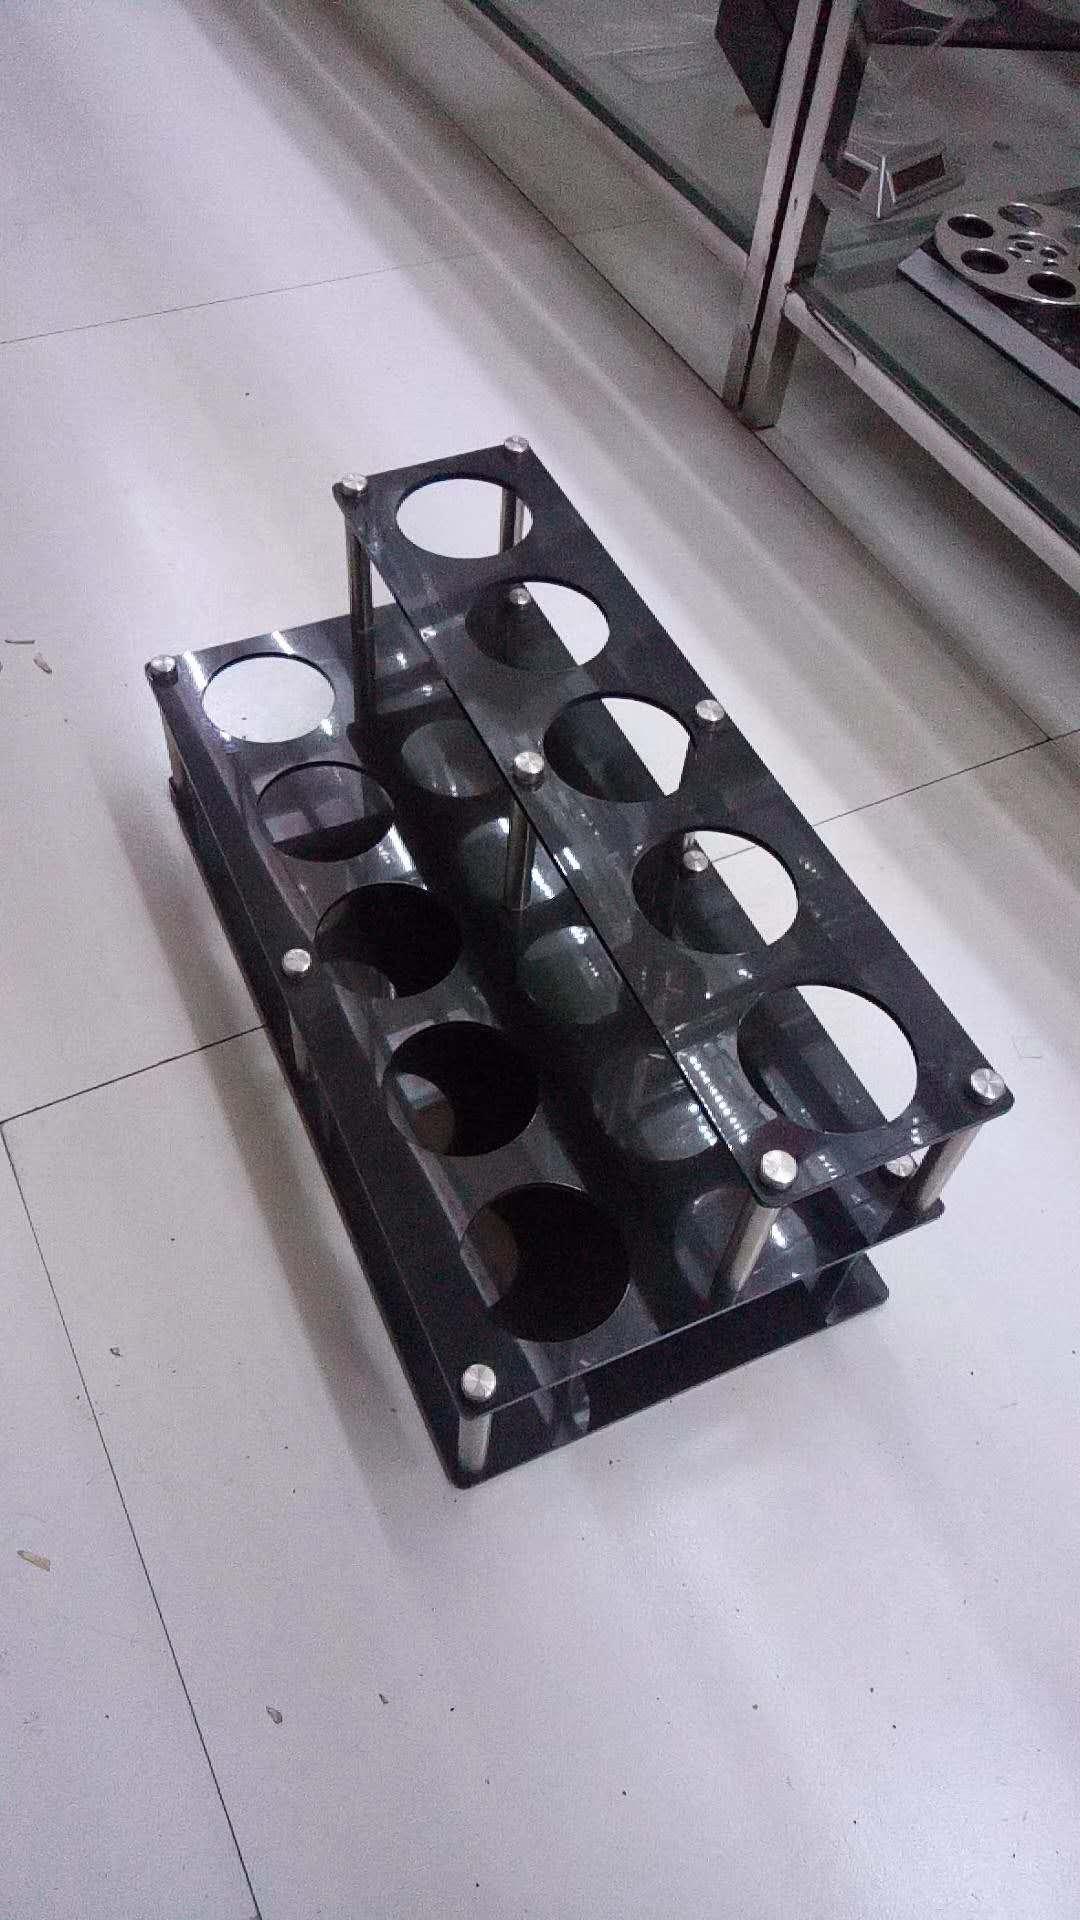 郑州有机玻璃,河南亚克力制品加工,有机玻璃制品加工